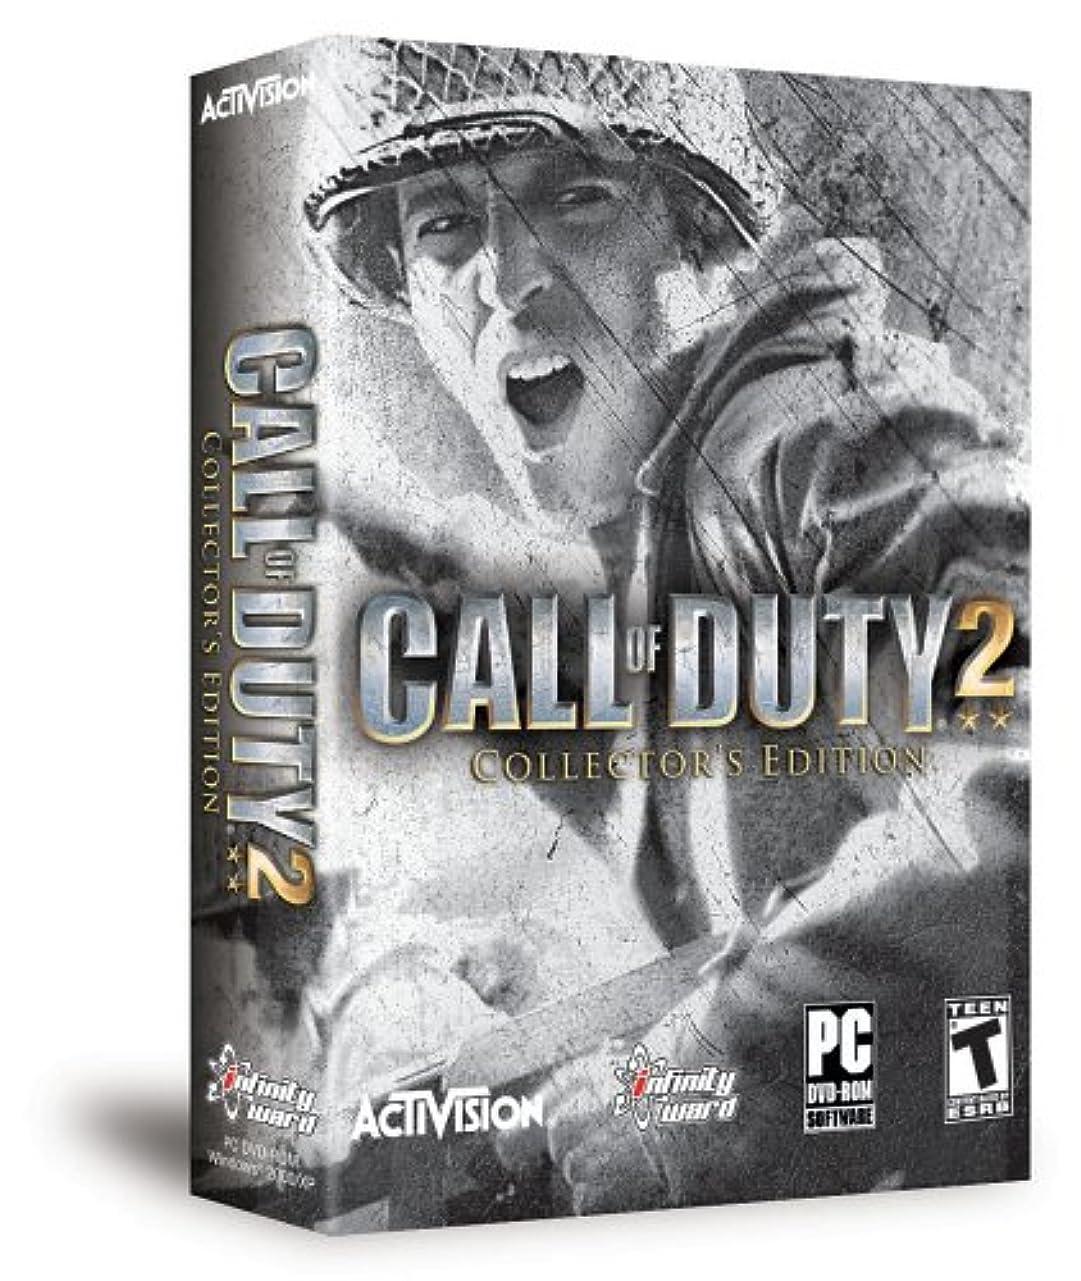 気になる同意車Call of Duty 2: Collector's Edition (輸入版)